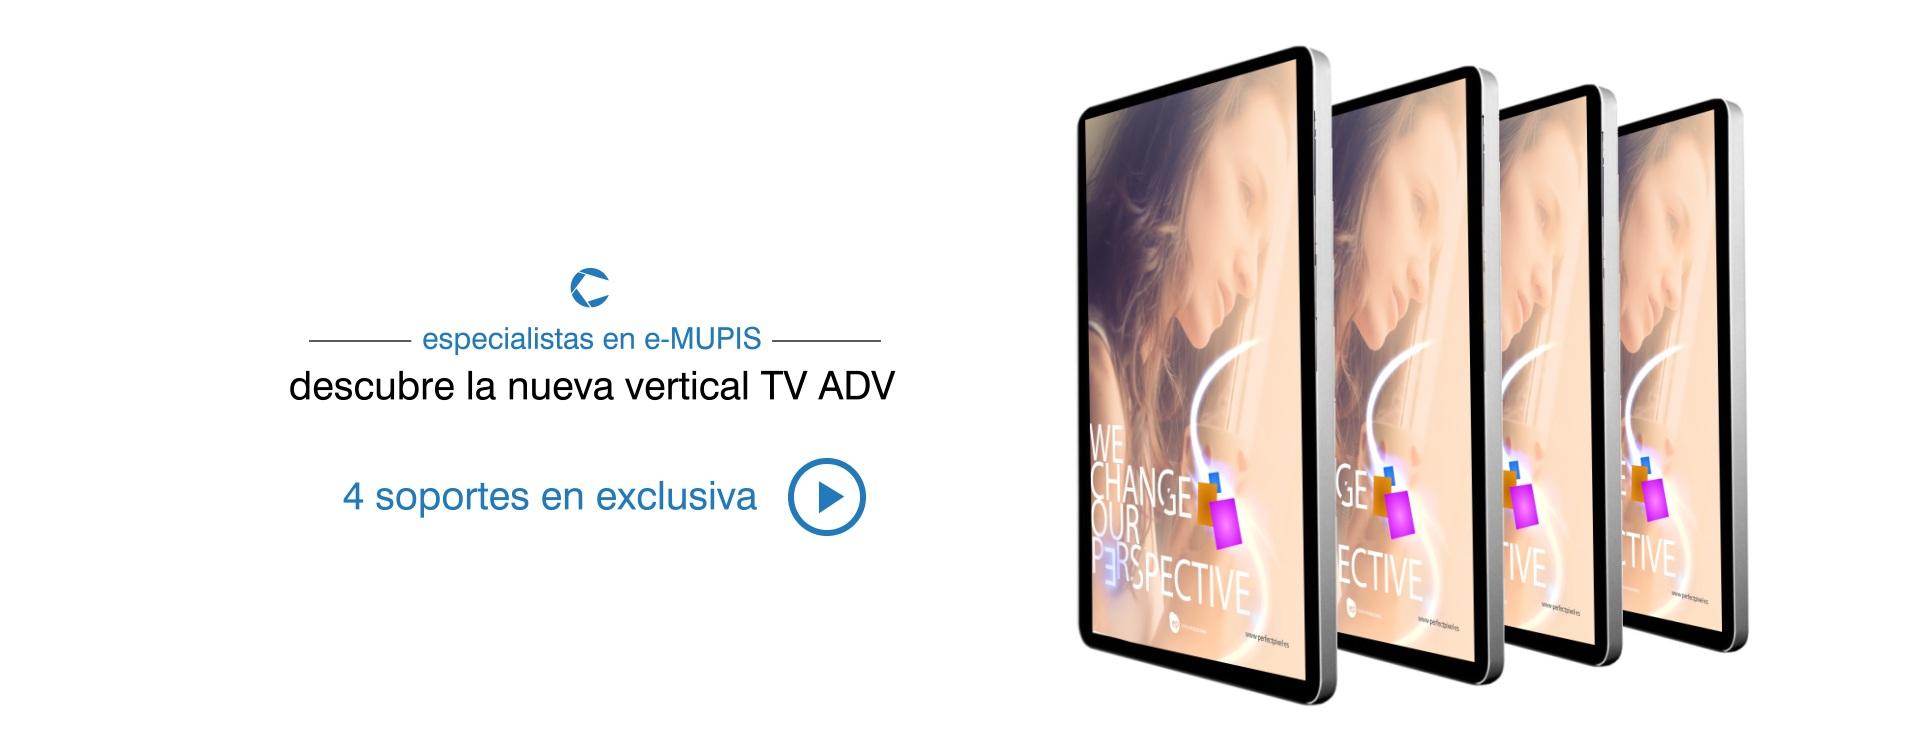 E-MUPI-PerfectPixel-Publicidad-Agencia-de-Publicidad-en-Madrid-Servicios-de-Publicidad-y-Marketing-para-empresas